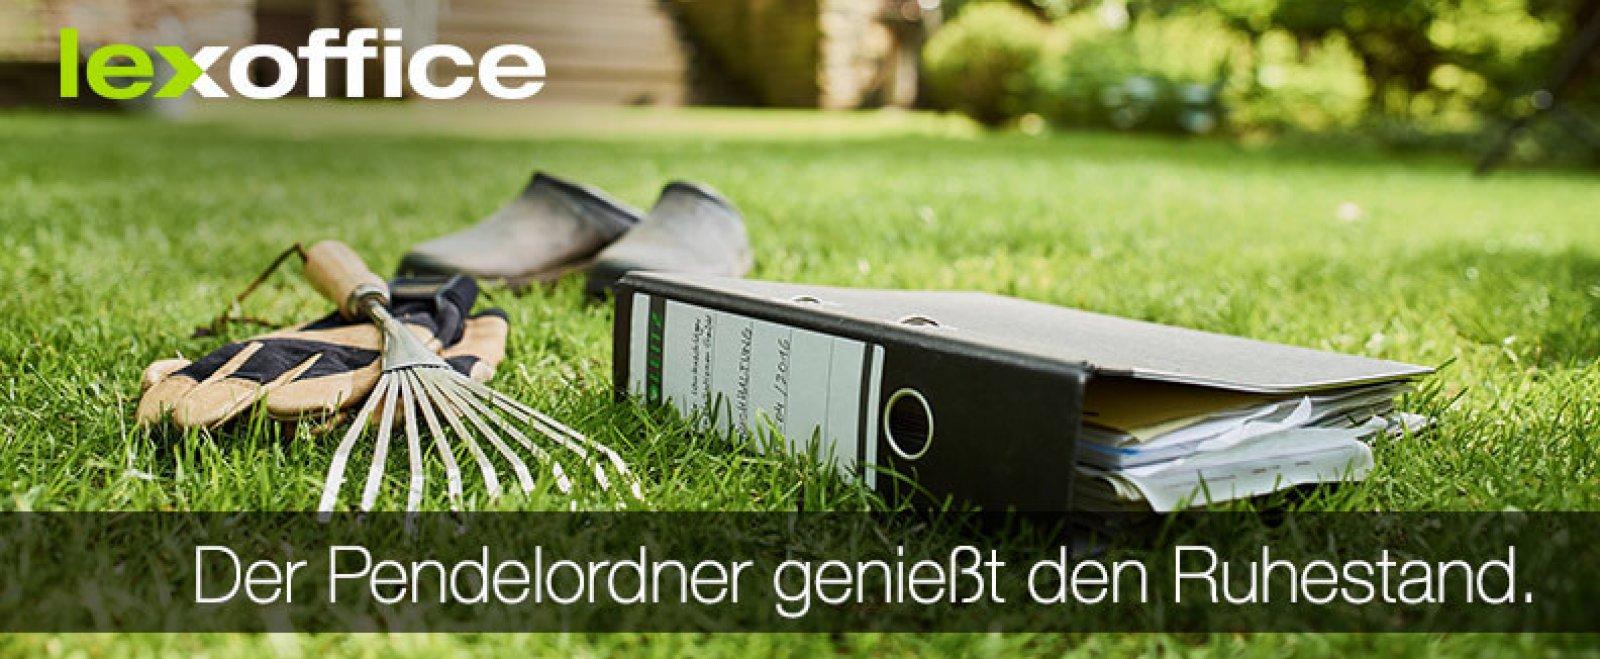 Der Pendelordner genießt den Ruhestand: Gewinnspiel: Den Pendelordner fotografieren und gewinnen